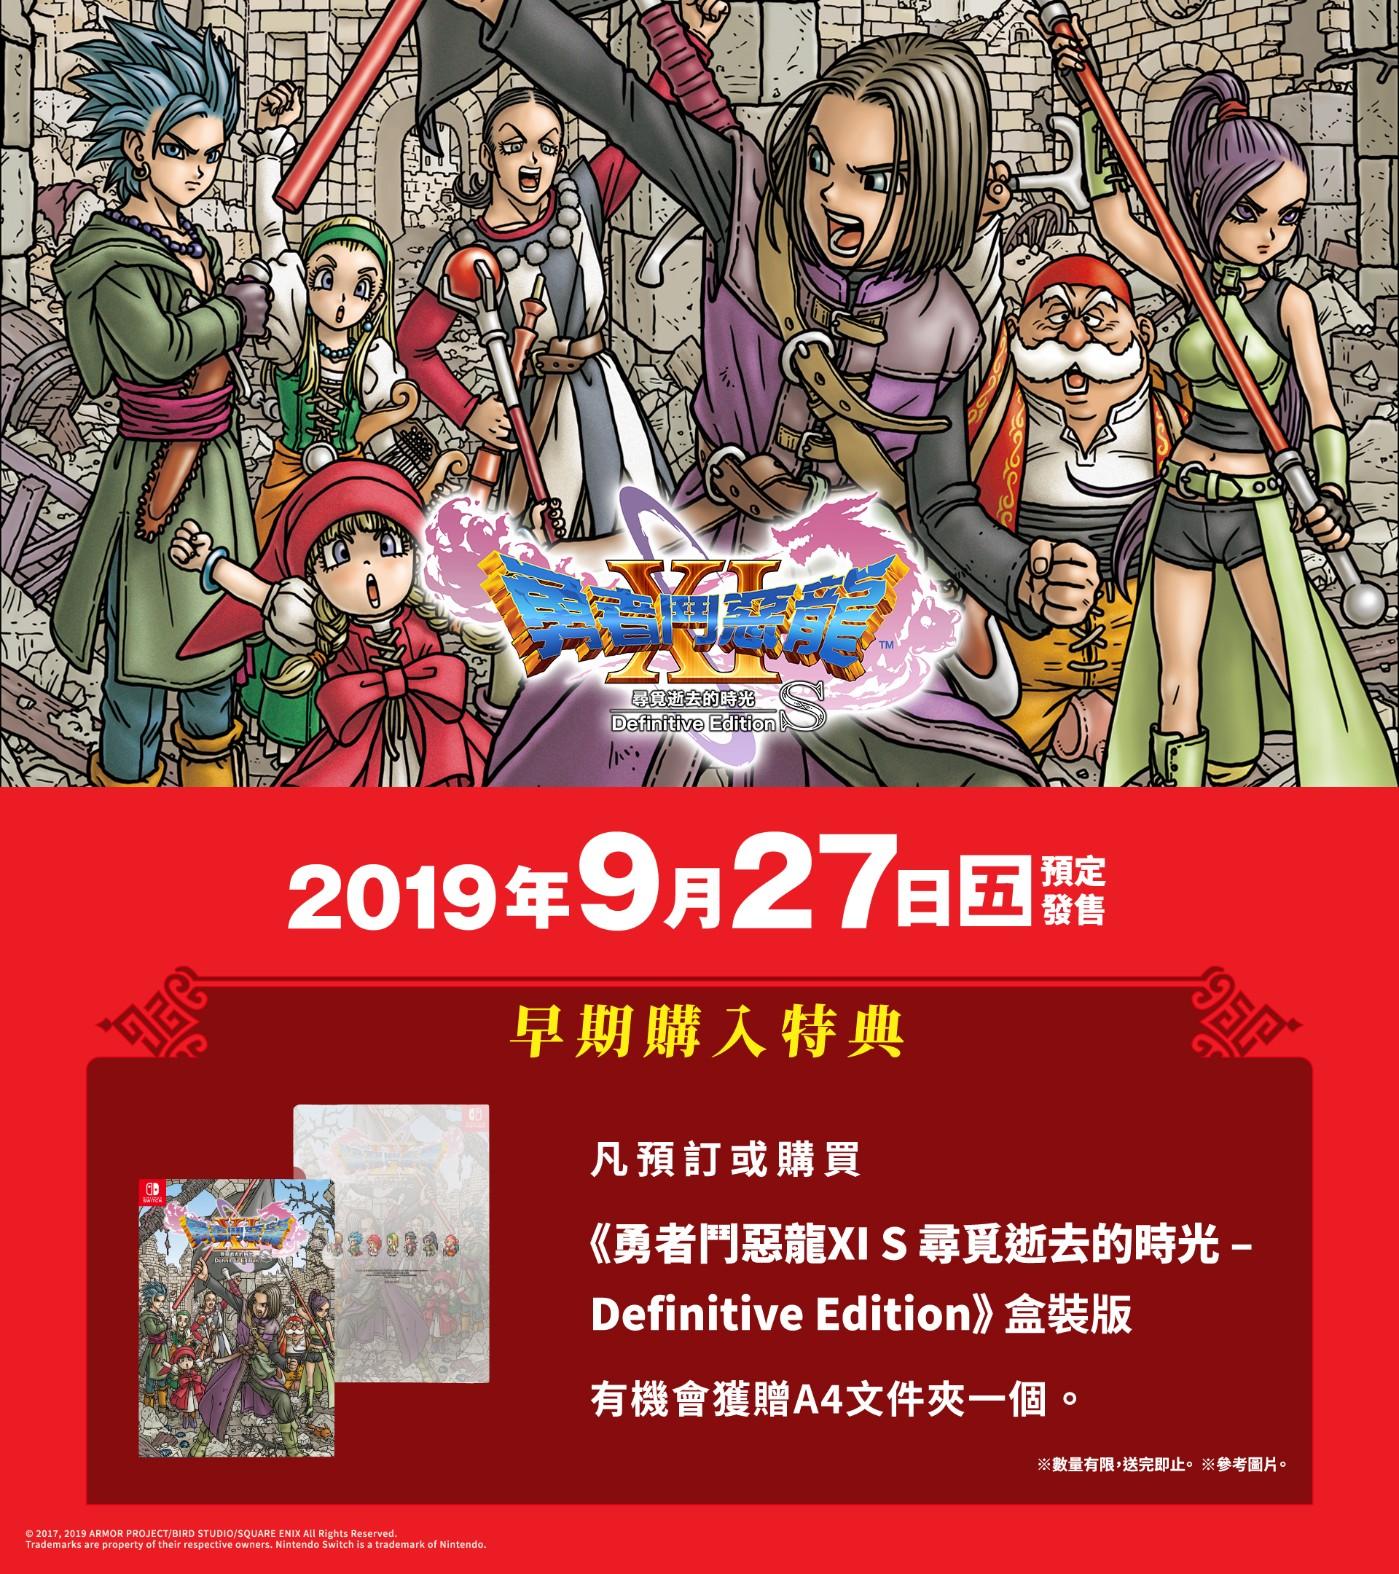 《勇者斗恶龙11S》港版限定版特典公开 A4主题文件夹